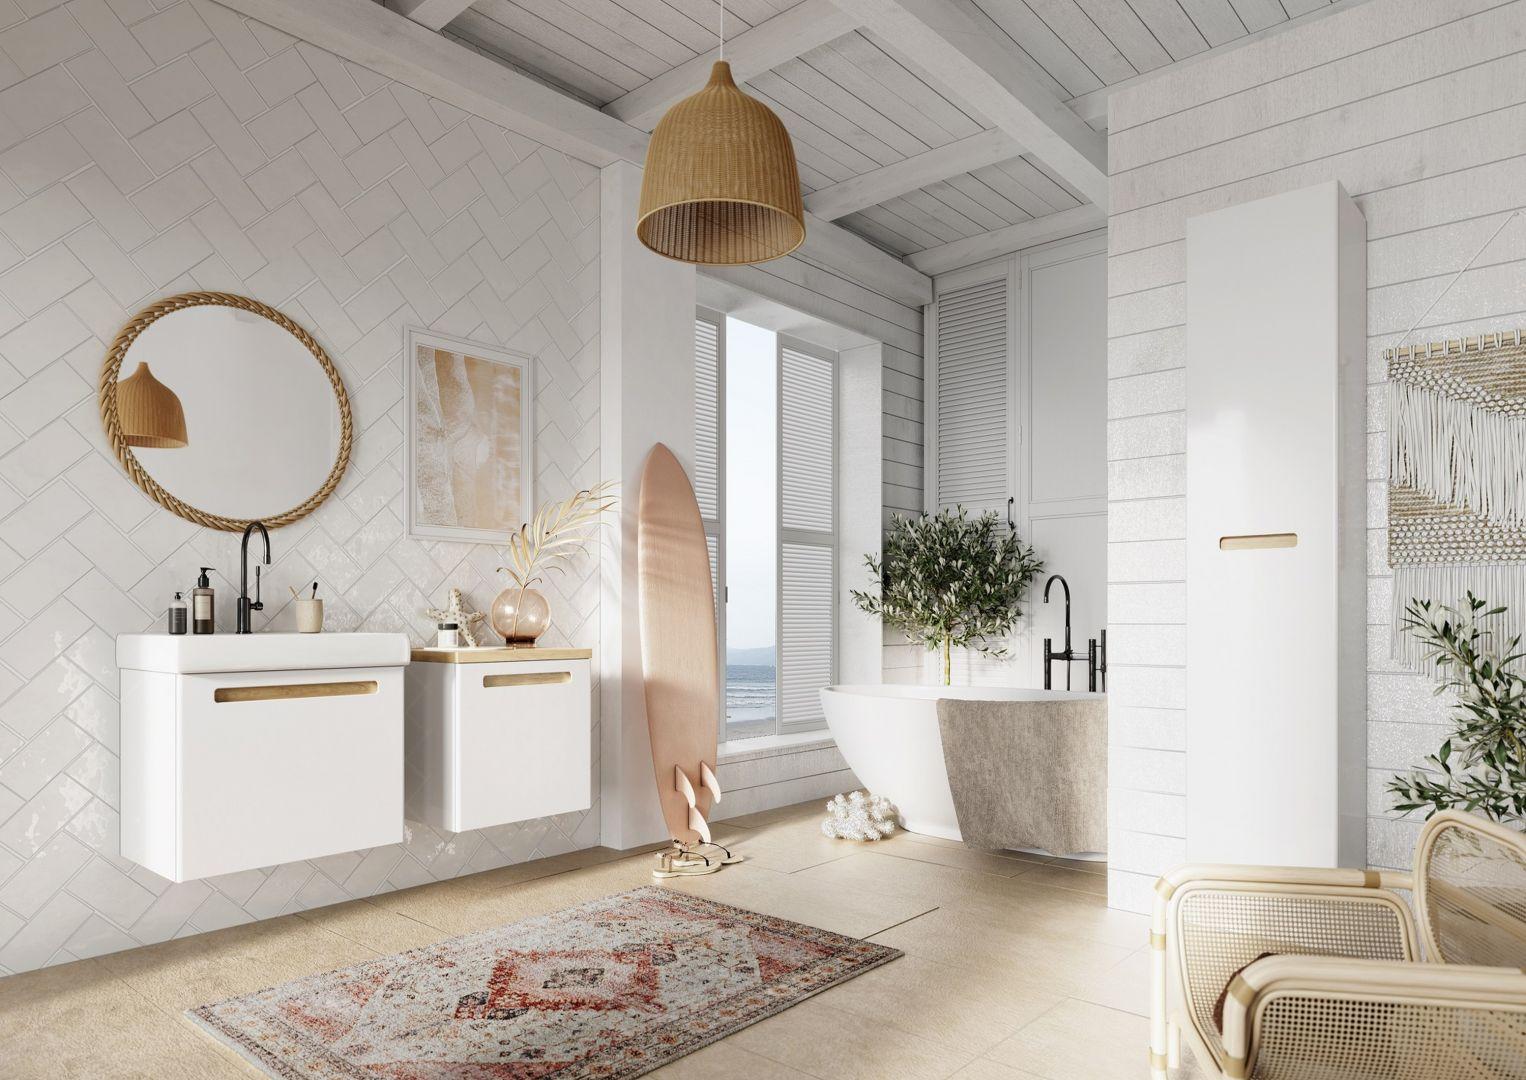 Kobieca łazienka w modnych kolorach. Fot. Defra meble Senso białe